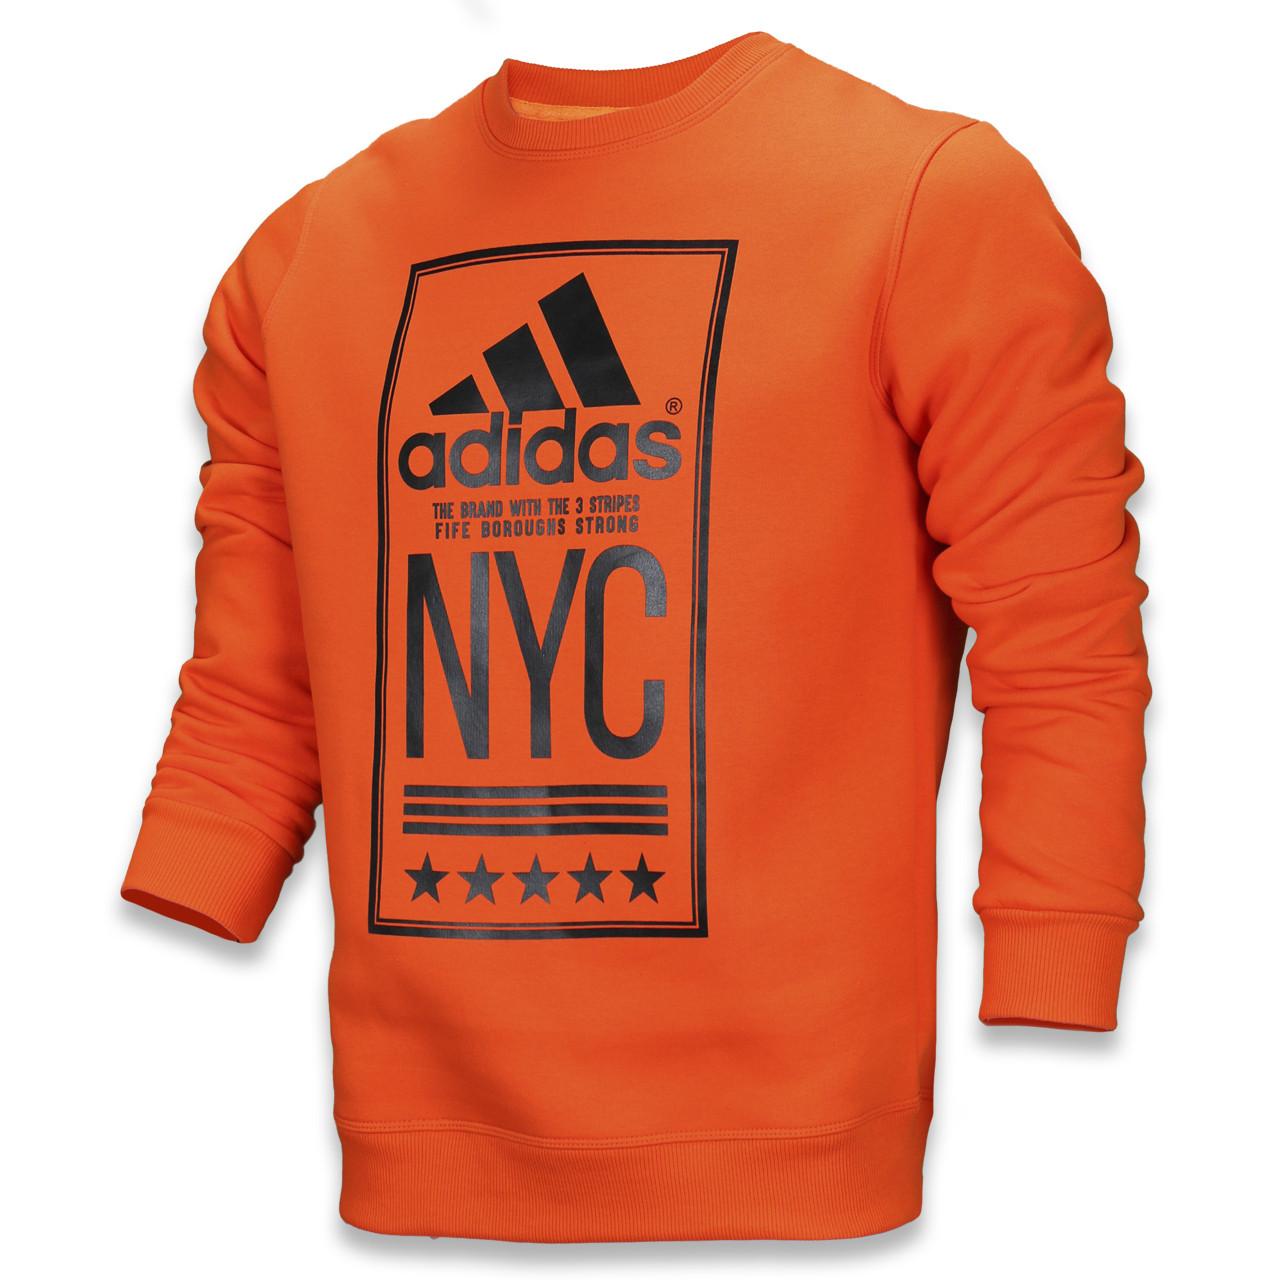 """Свитшот осень-зима оранжевый ADIDAS с принтом """"NYC""""  ORN M(Р) 19-422-003"""